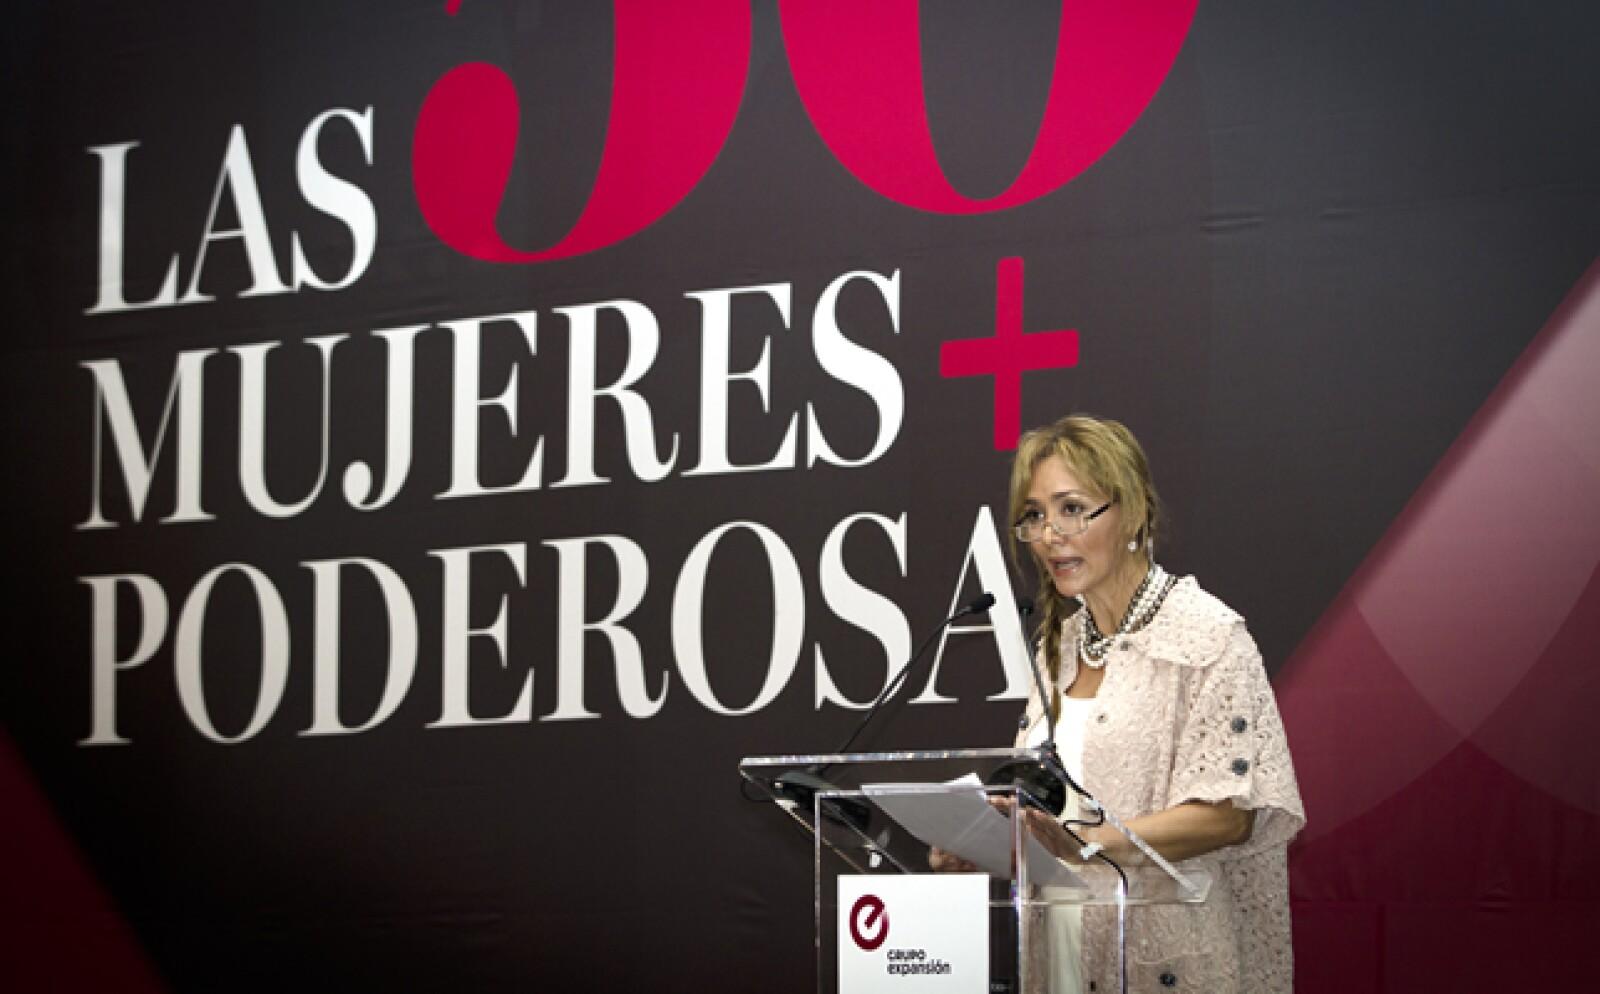 Angélica Fuentes, presidenta ejecutiva de Omnilife-Chivas y número 6 del ranking, presentó la iniciativa Closing México's Gender Gap, la cual encabaza junto con Carlos Danel, vicepresidente de Banco Compartamos.